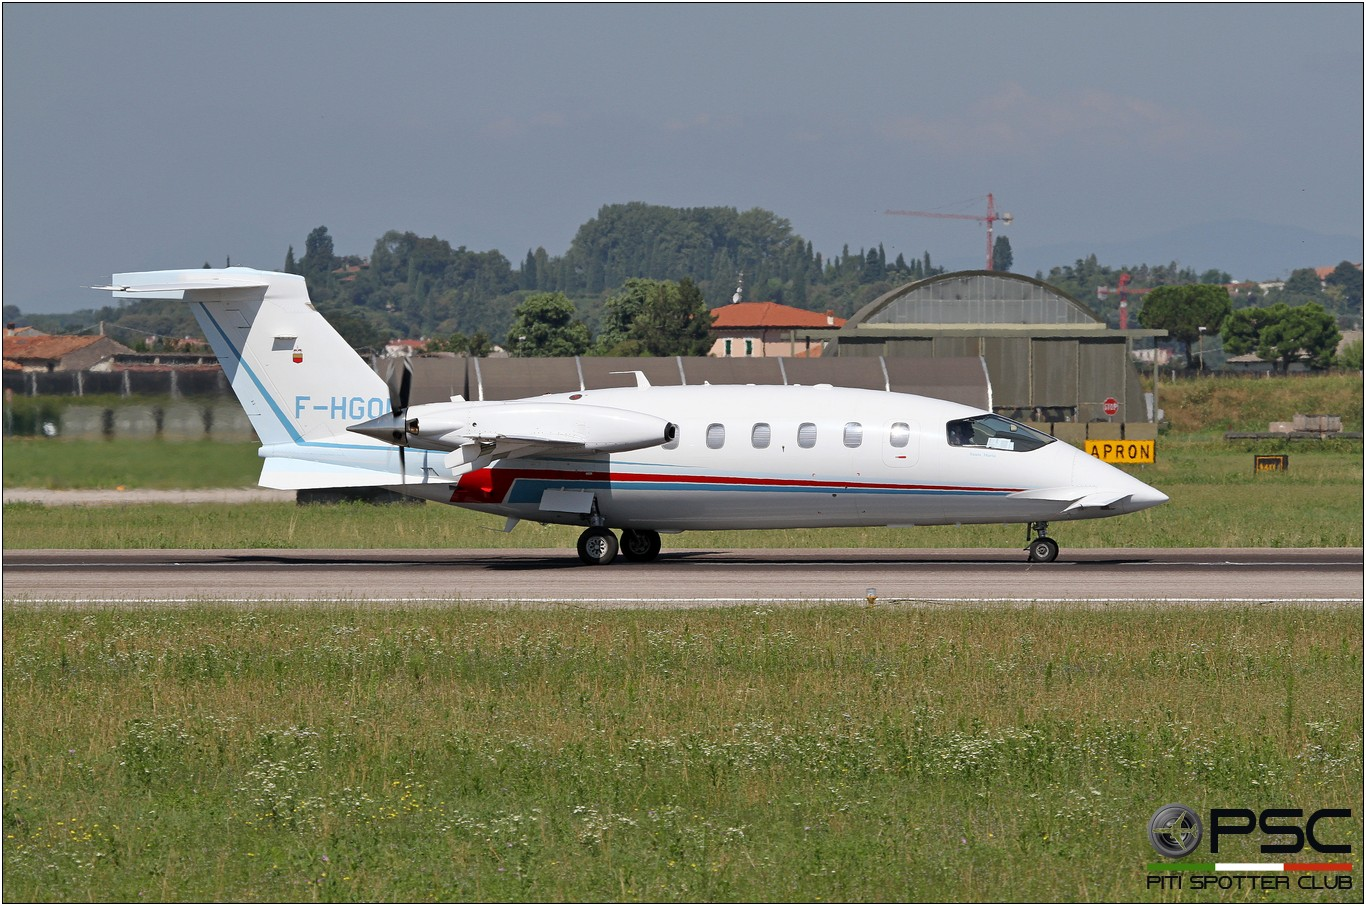 F-HGOD P180 1153 CM-CIC Lease SA @ Aeroporto di Verona - 13/08/2016 © Piti Spotter Club Verona